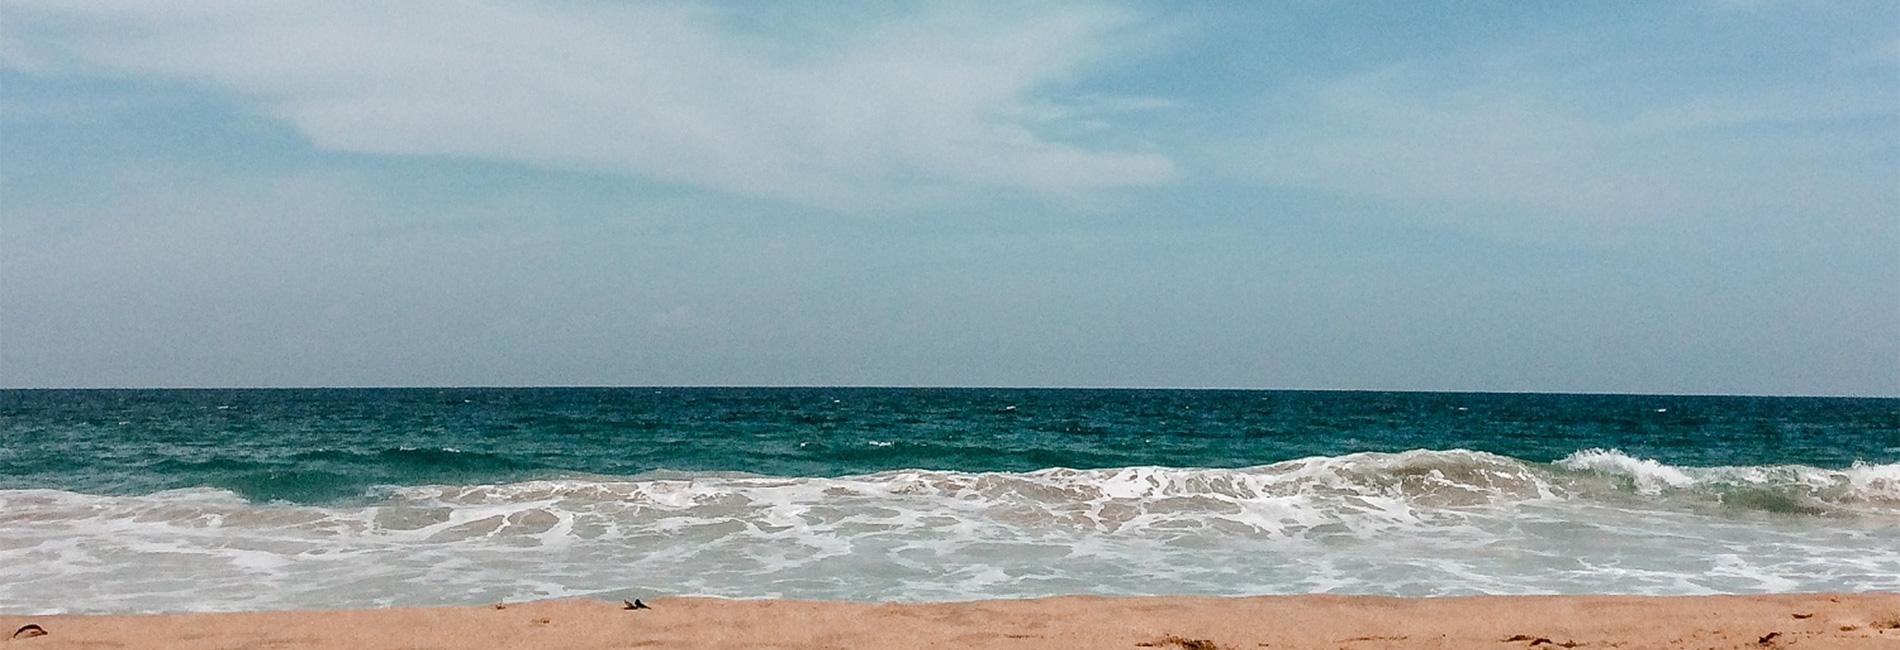 Qué productos llevar a la playa